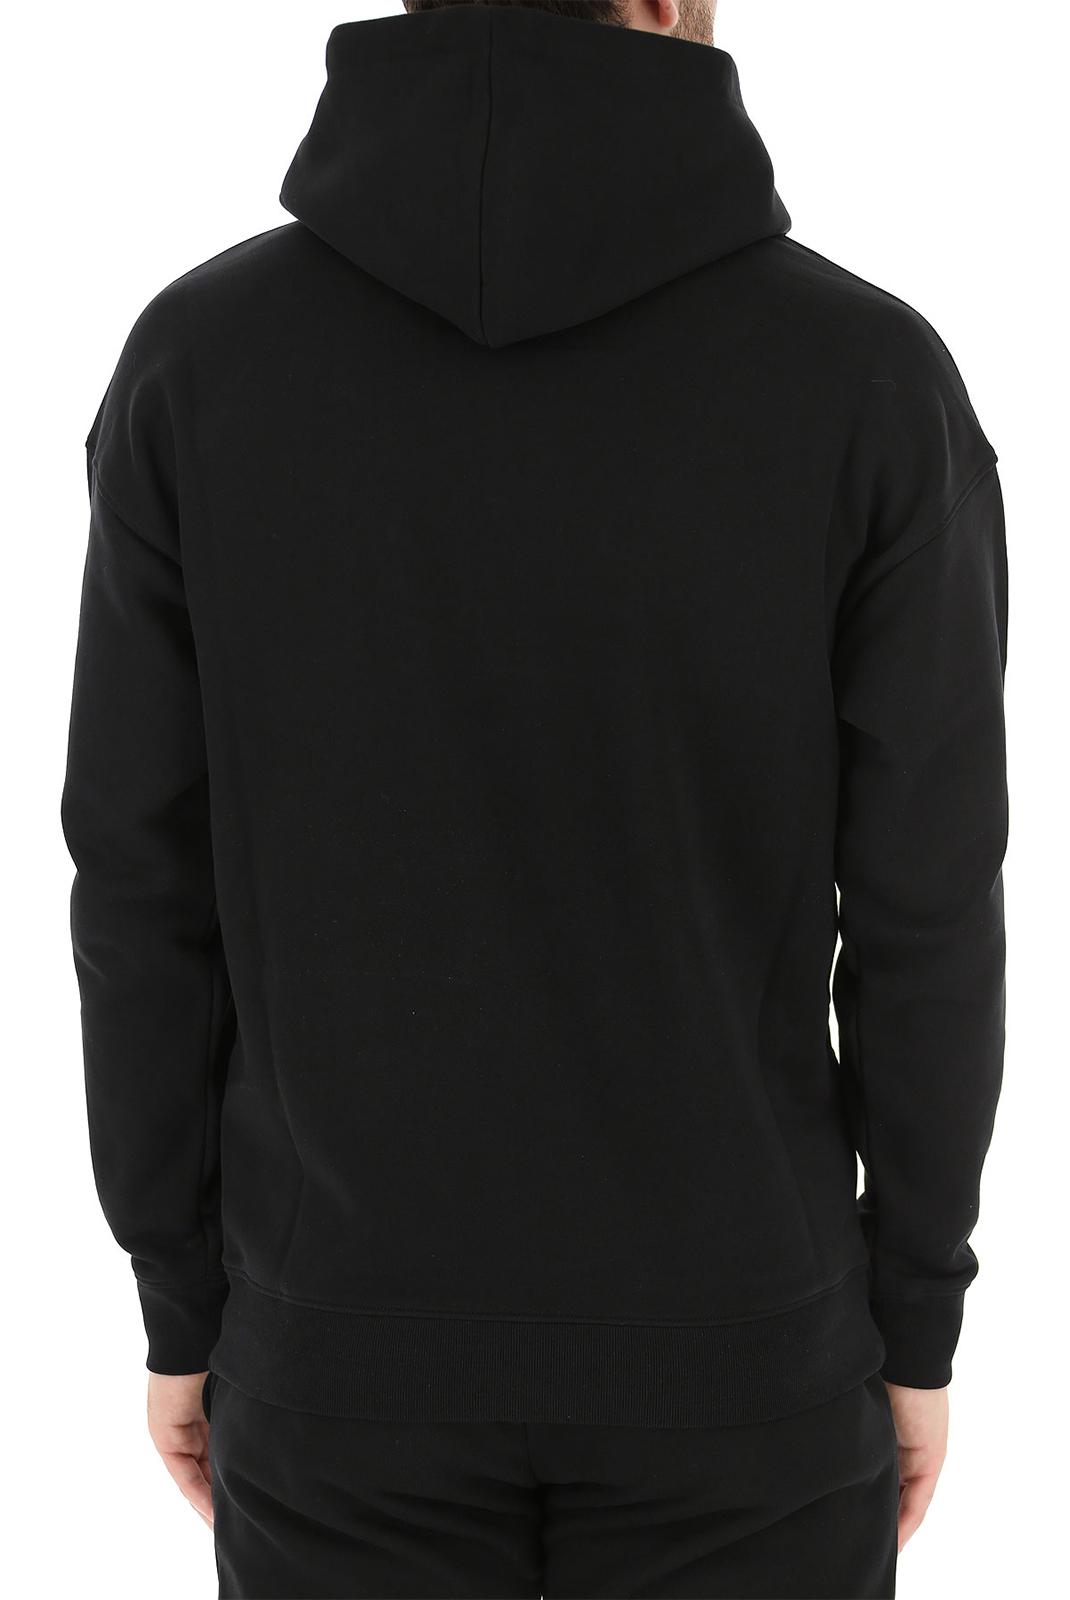 Sweatshirts  Moschino ZA1731 1555 NOIR